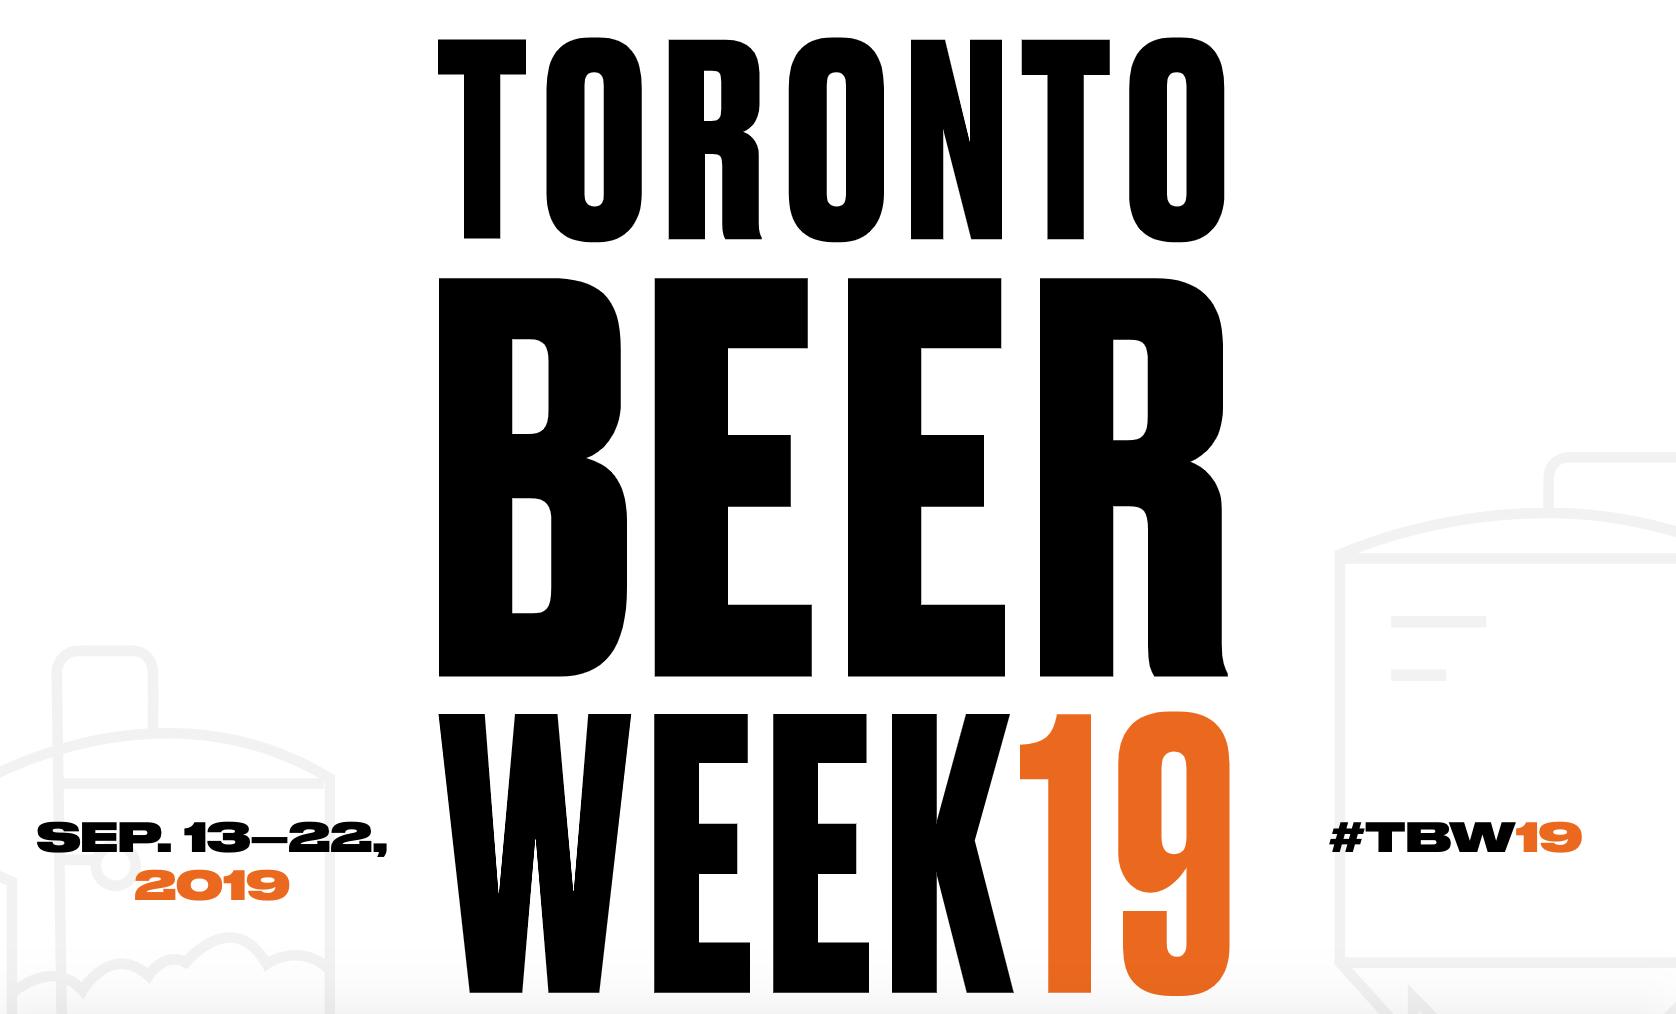 Toronto Beer Week 2019